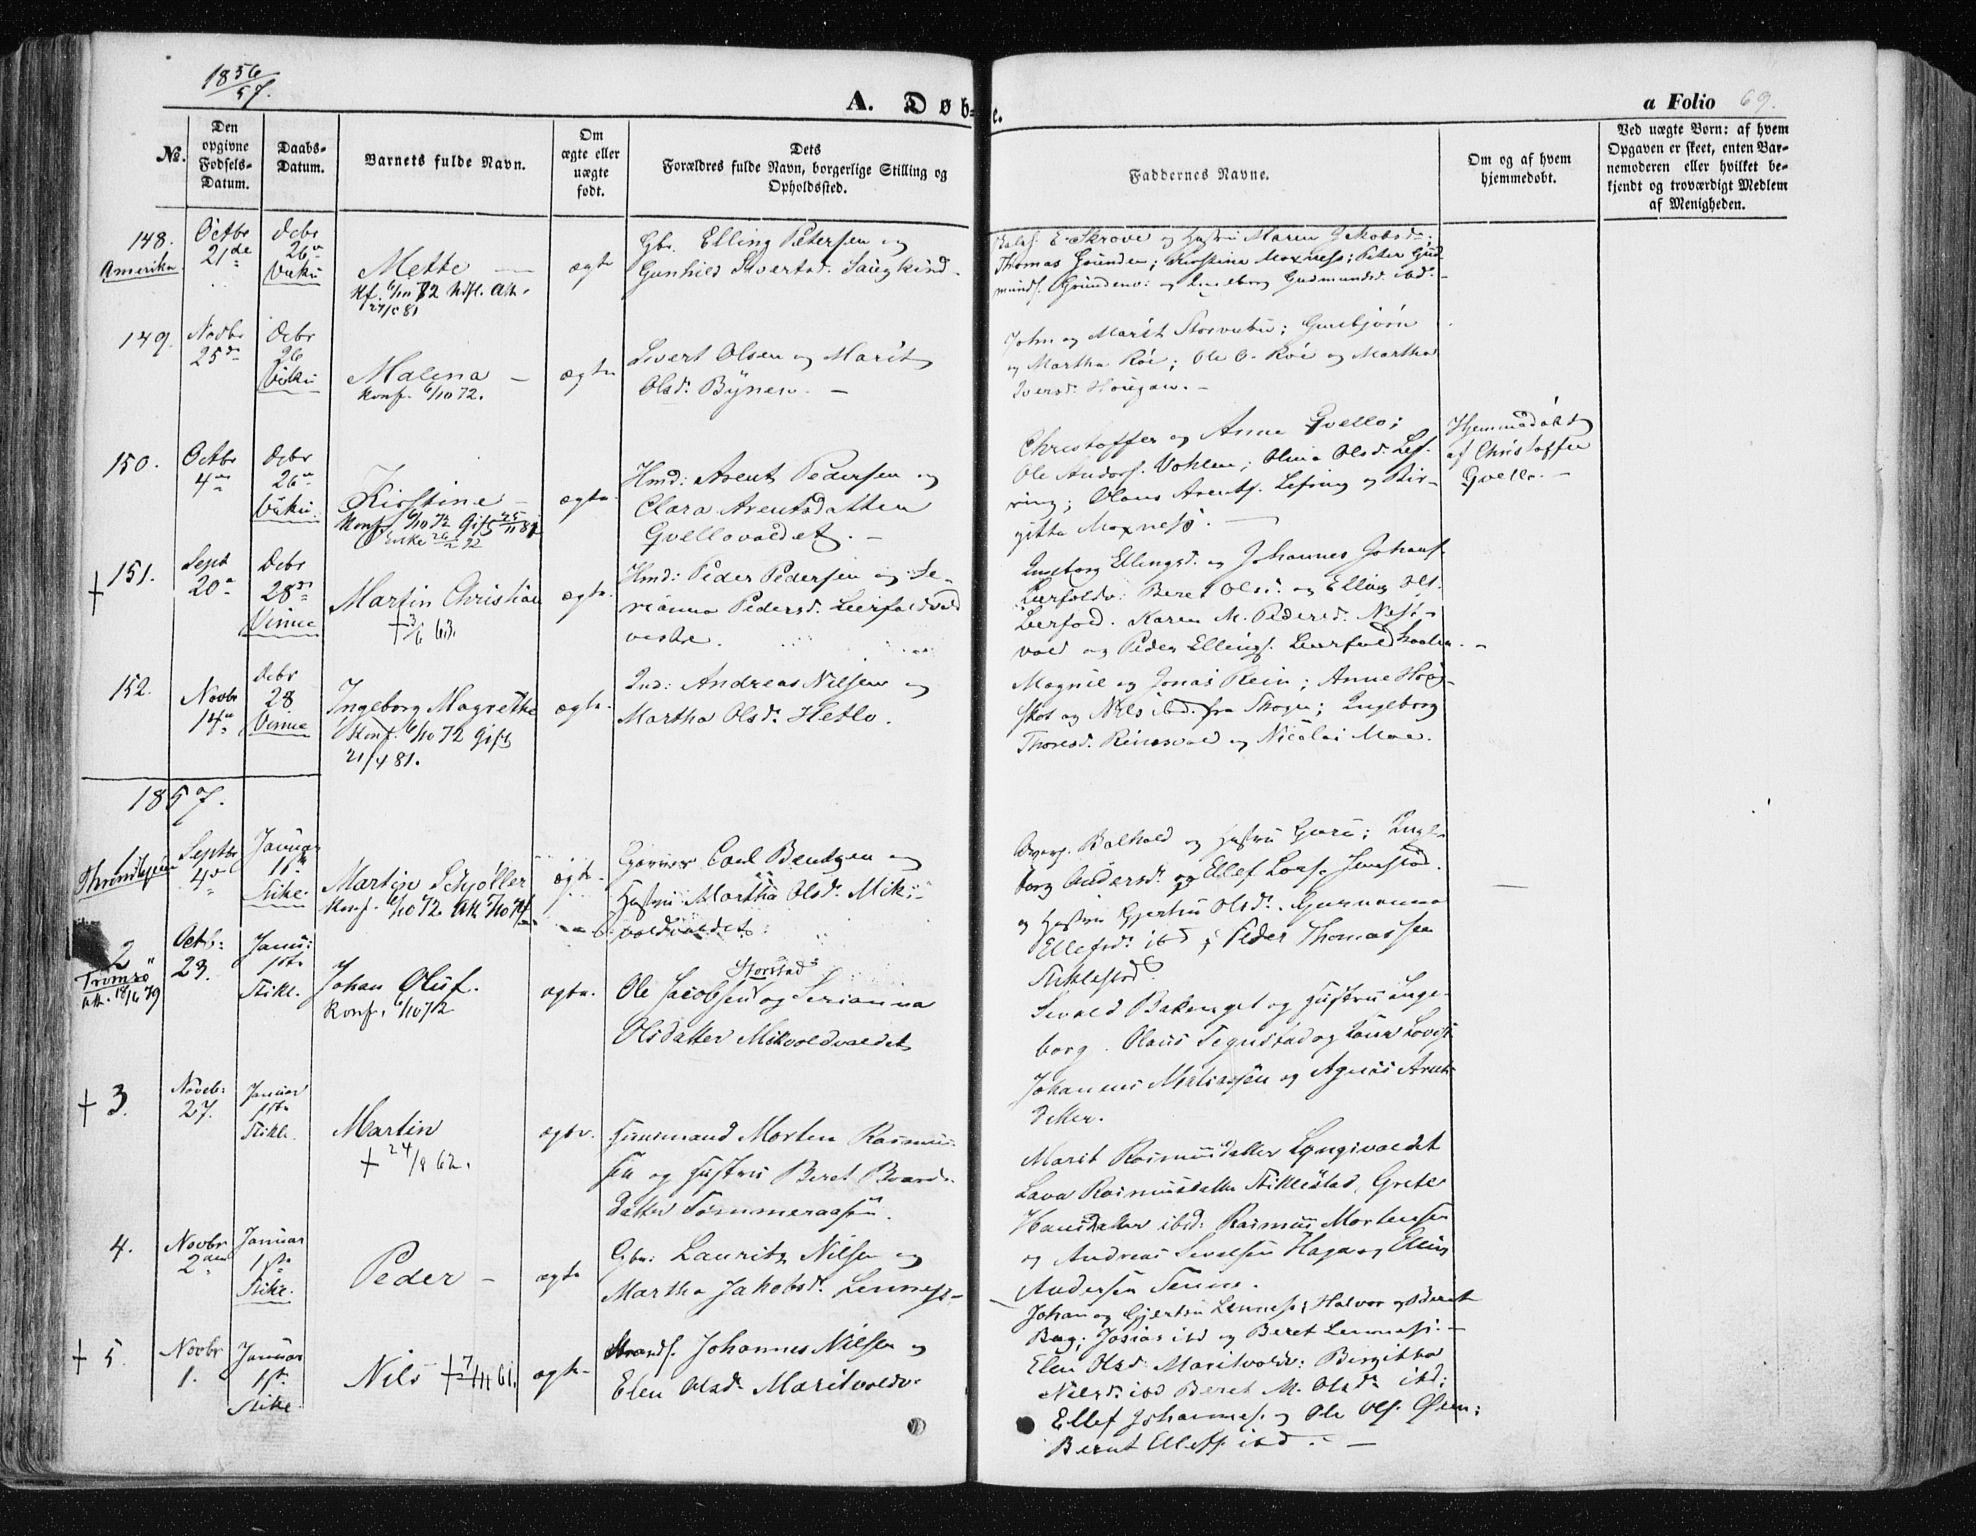 SAT, Ministerialprotokoller, klokkerbøker og fødselsregistre - Nord-Trøndelag, 723/L0240: Ministerialbok nr. 723A09, 1852-1860, s. 69